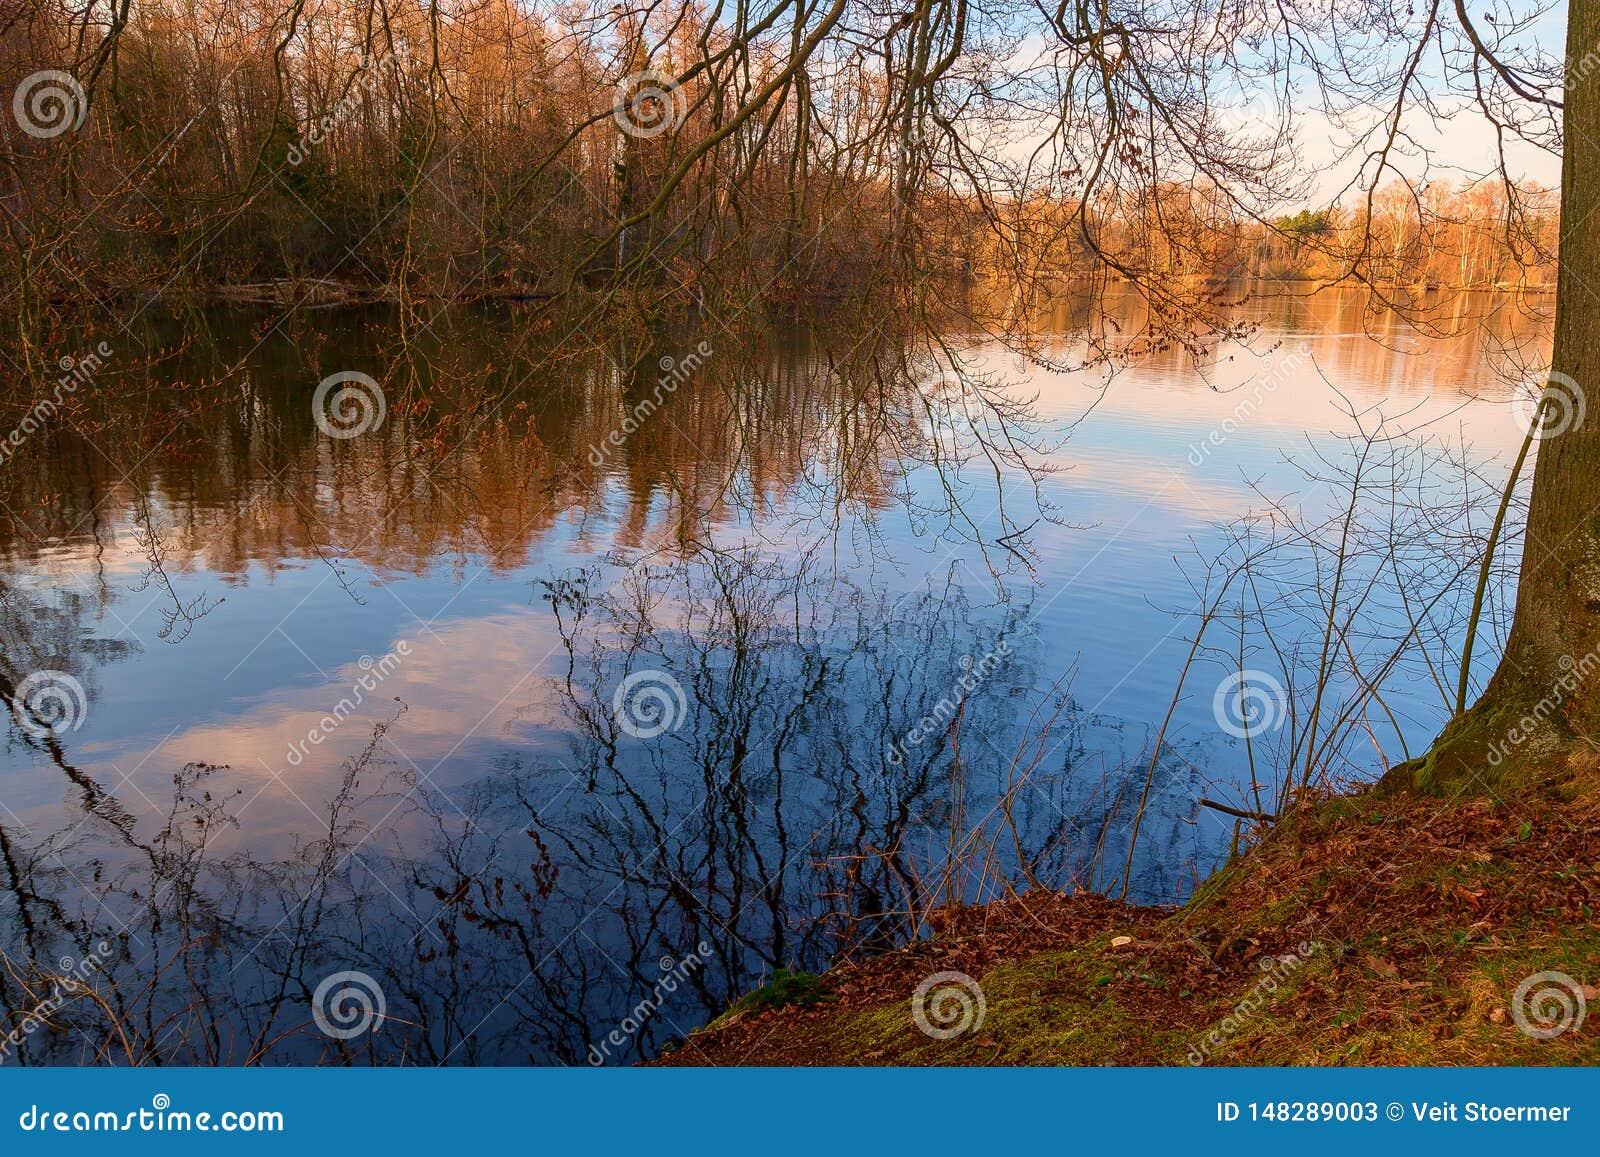 Un lac dans la for?t